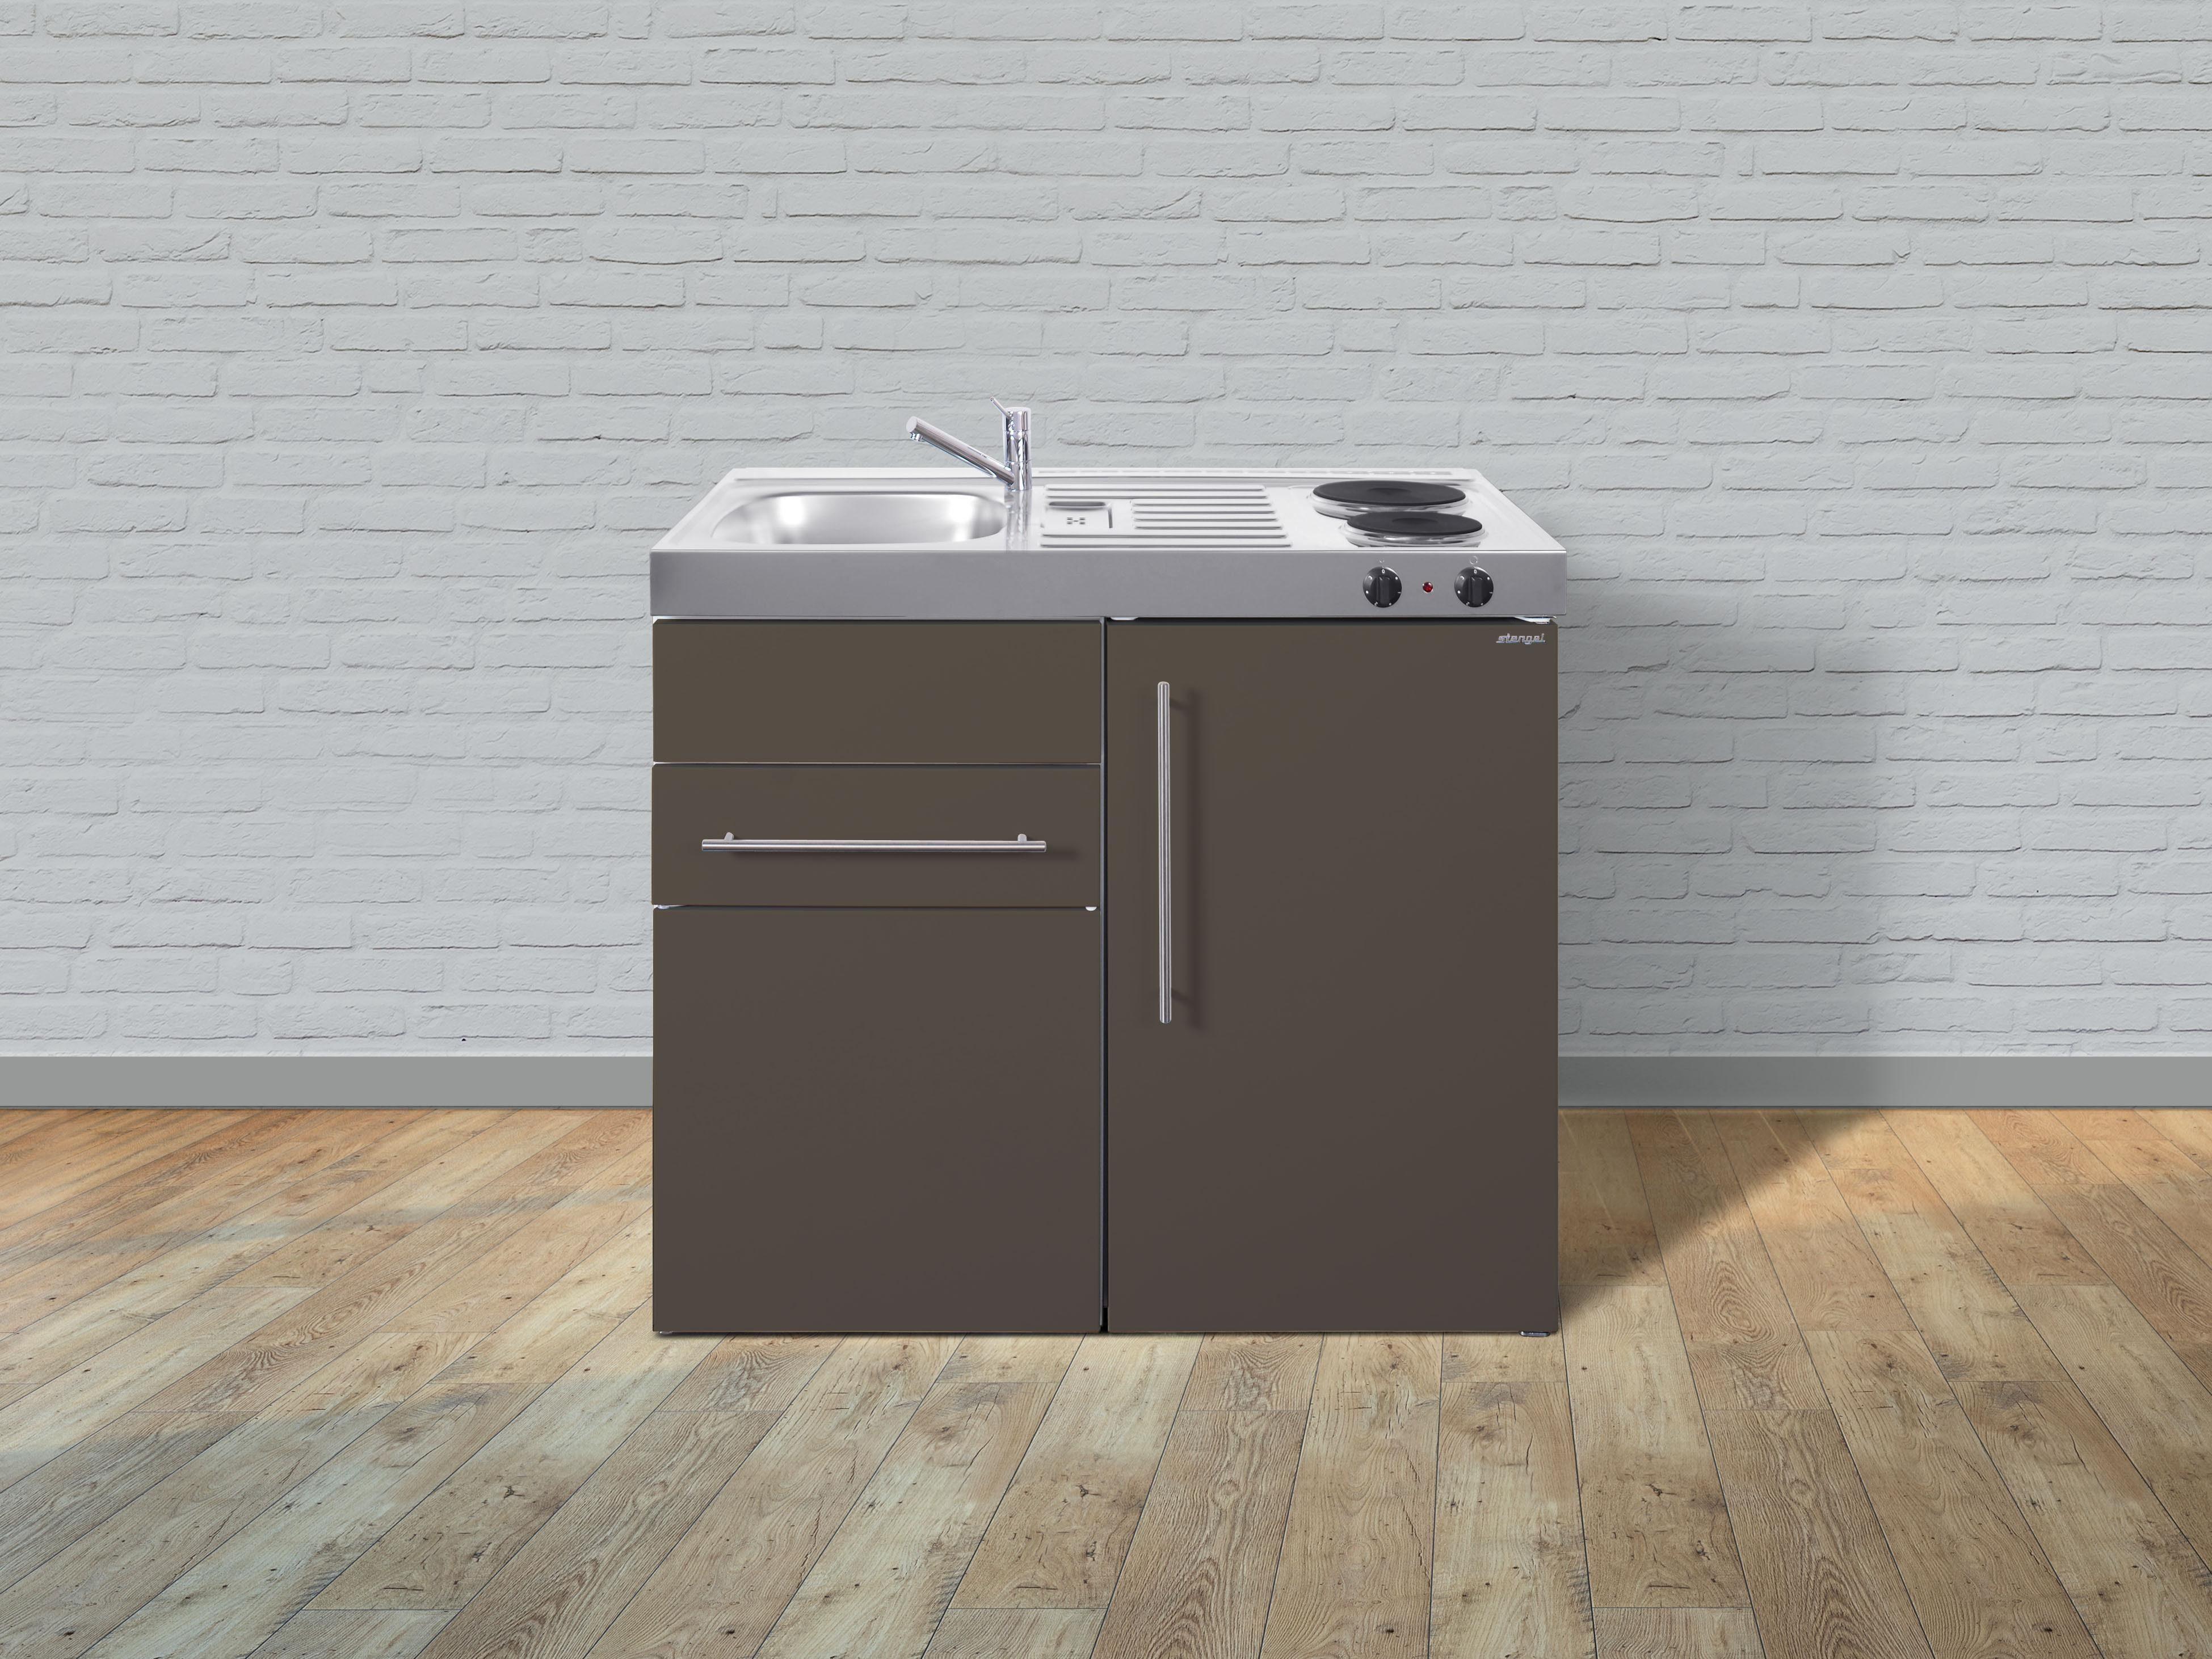 Miniküche Ohne Kühlschrank Gebraucht : Stengel metall miniküche premiumline mp s kühlschrank er